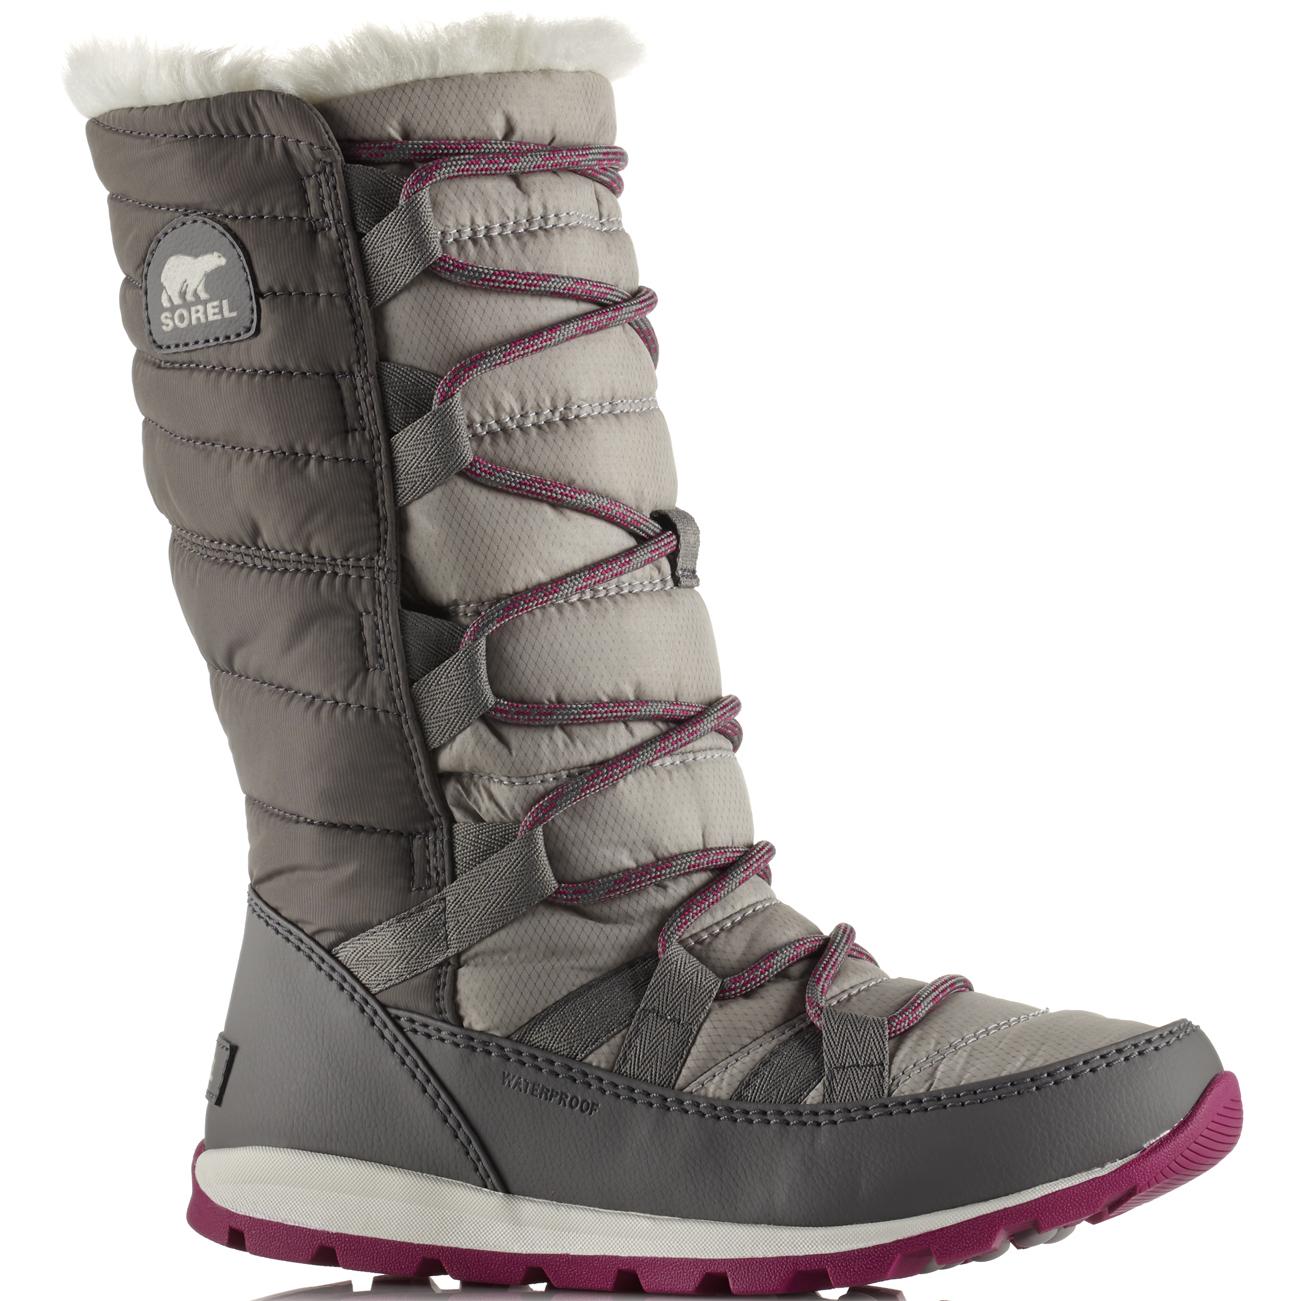 Damen Sorel Whitney Lace Thermal Vlies Wasserdicht Schnee Regen Siefel Siefel Regen EU 36-42 91b8ee